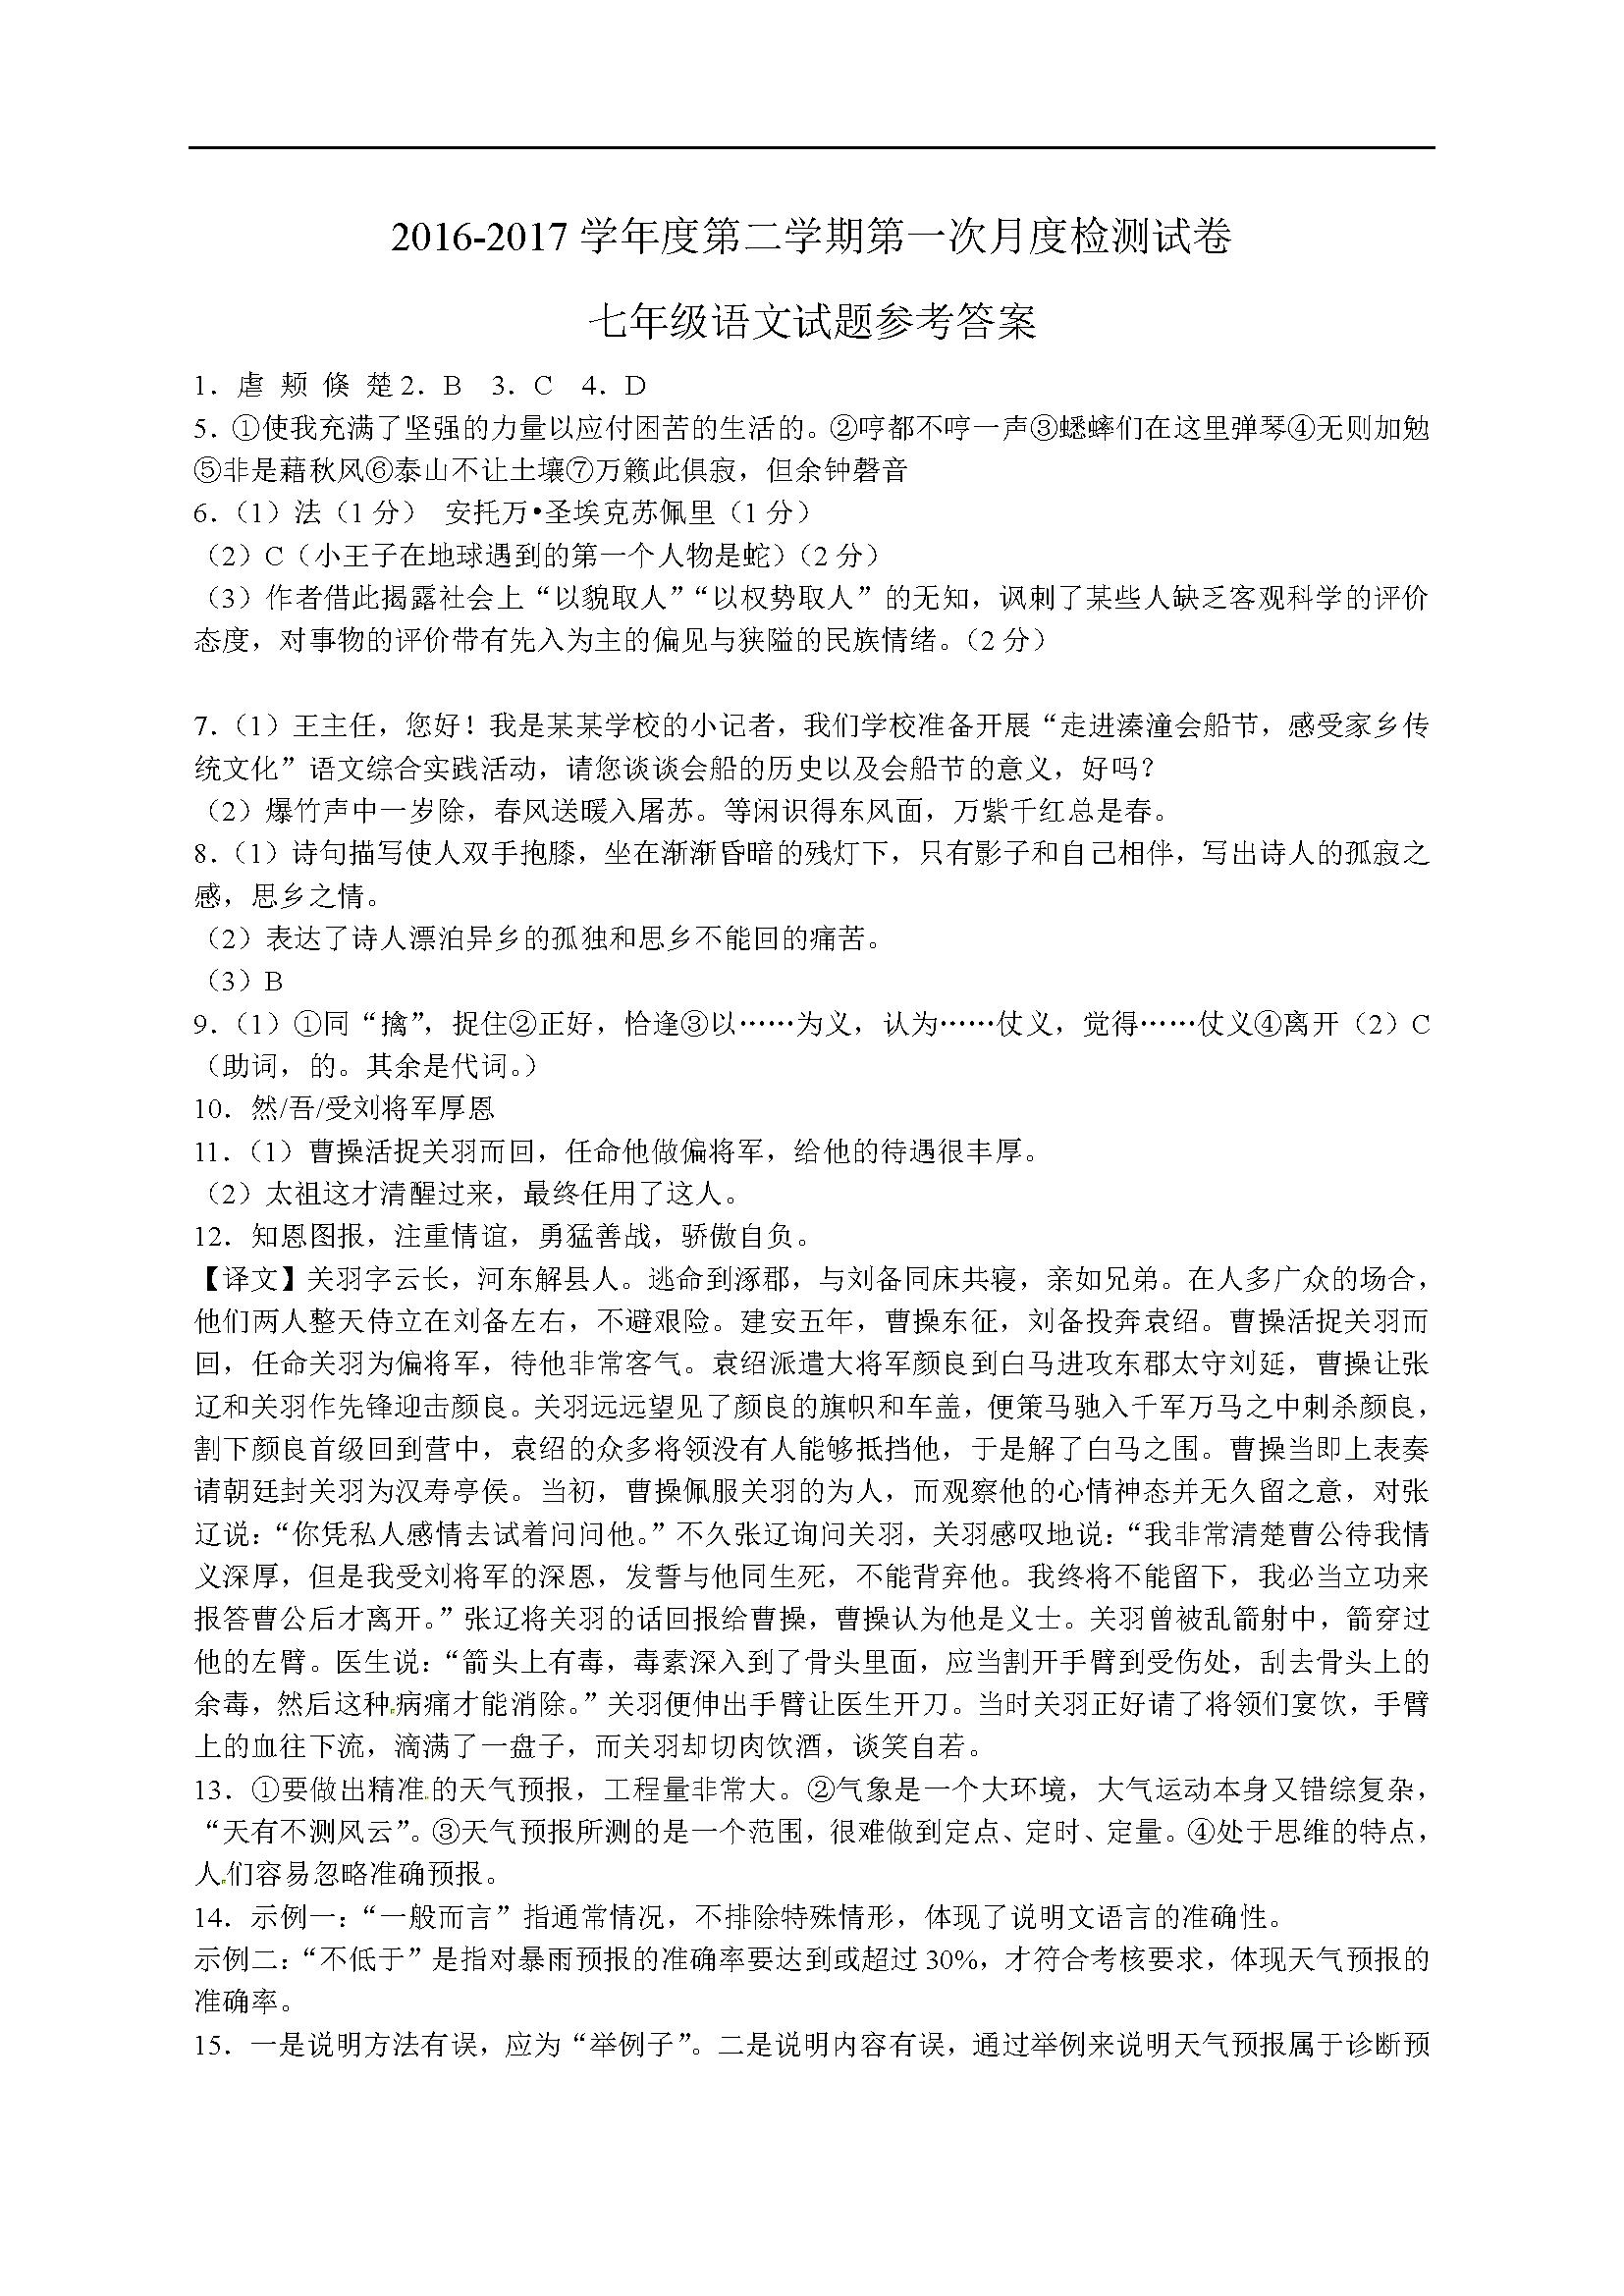 2017江苏泰州姜堰七年级下第一次月考语文试题答案(图片版)